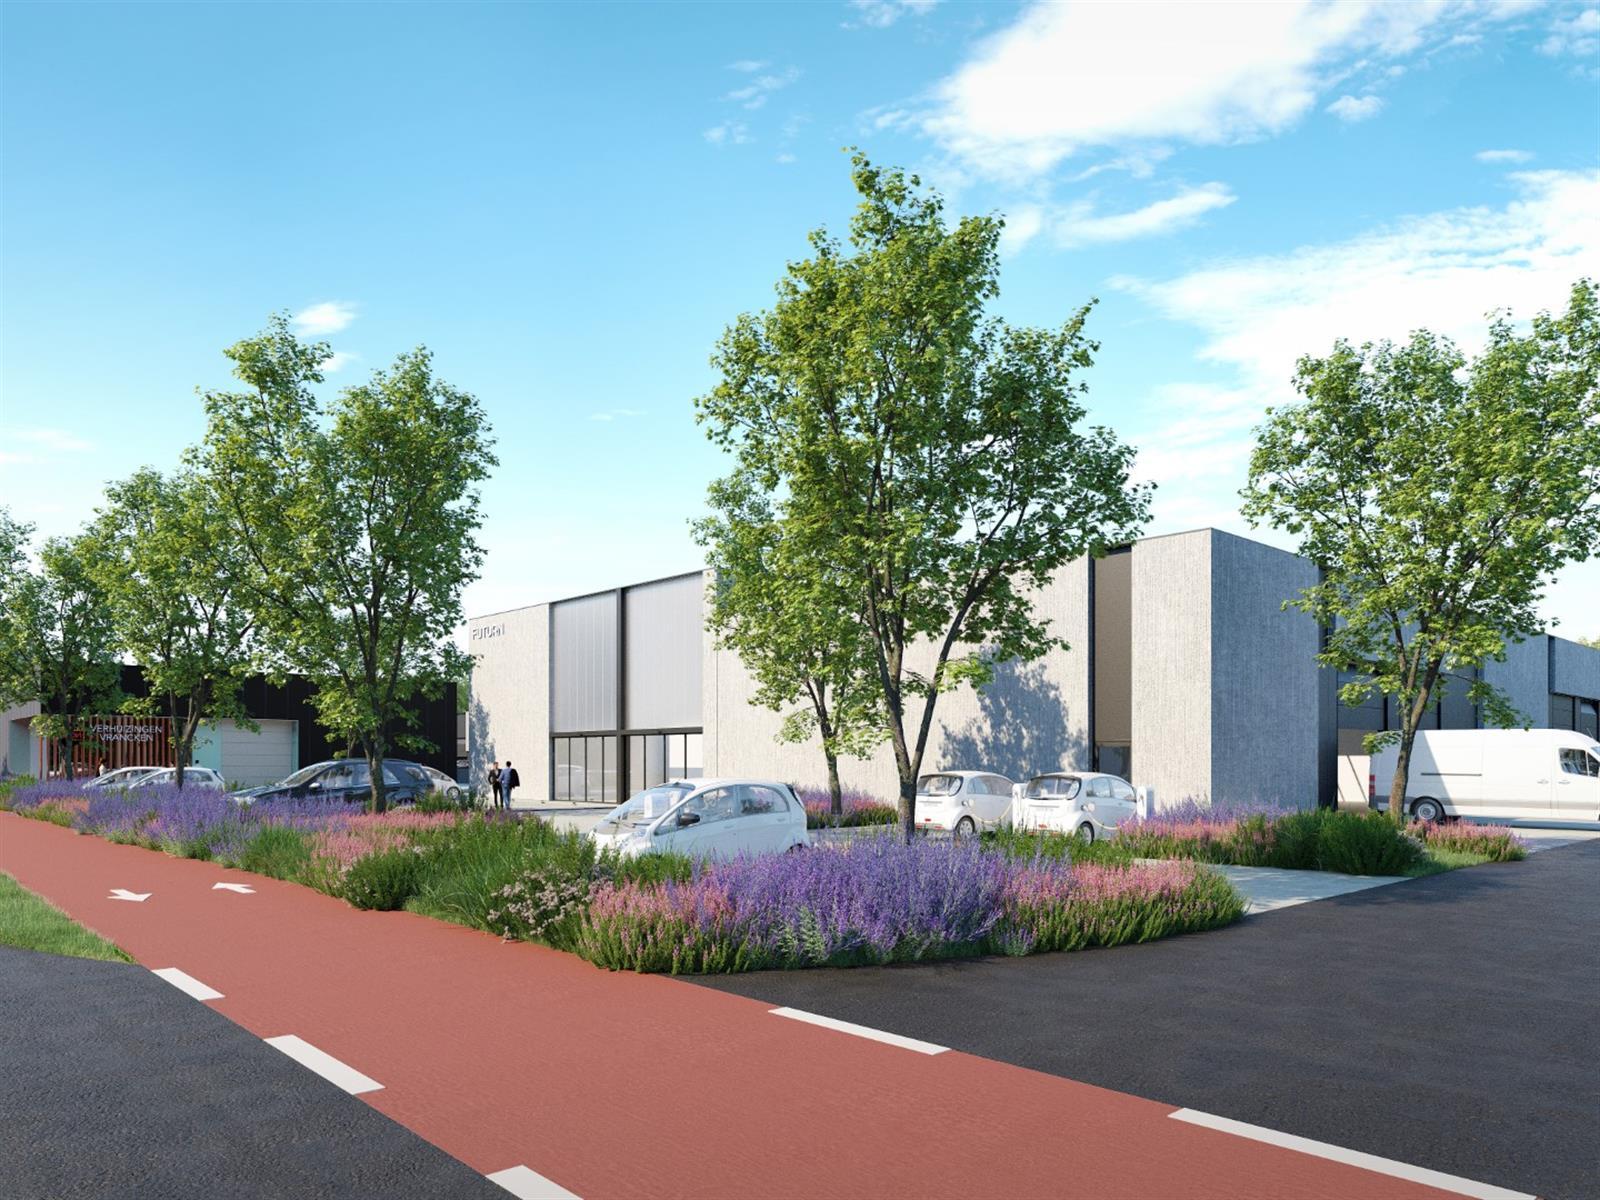 KMO-unit te koop Heros Businesspark KMO Unit 5 - Herkenrodesingel 10, 3500 Hasselt, België 6